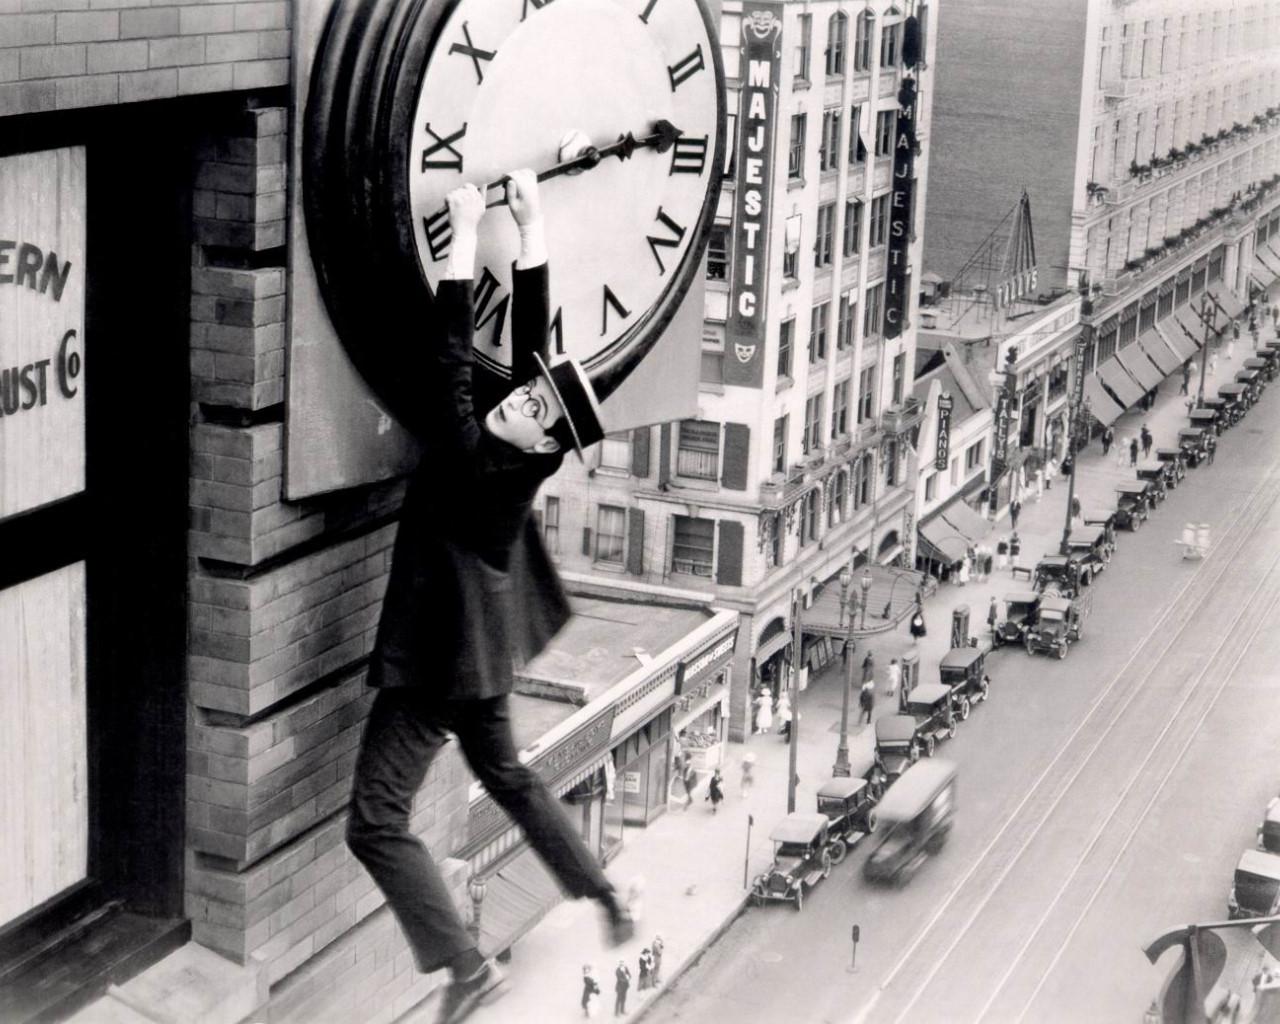 Hombre colgado de las agujas de un reloj en un edificio